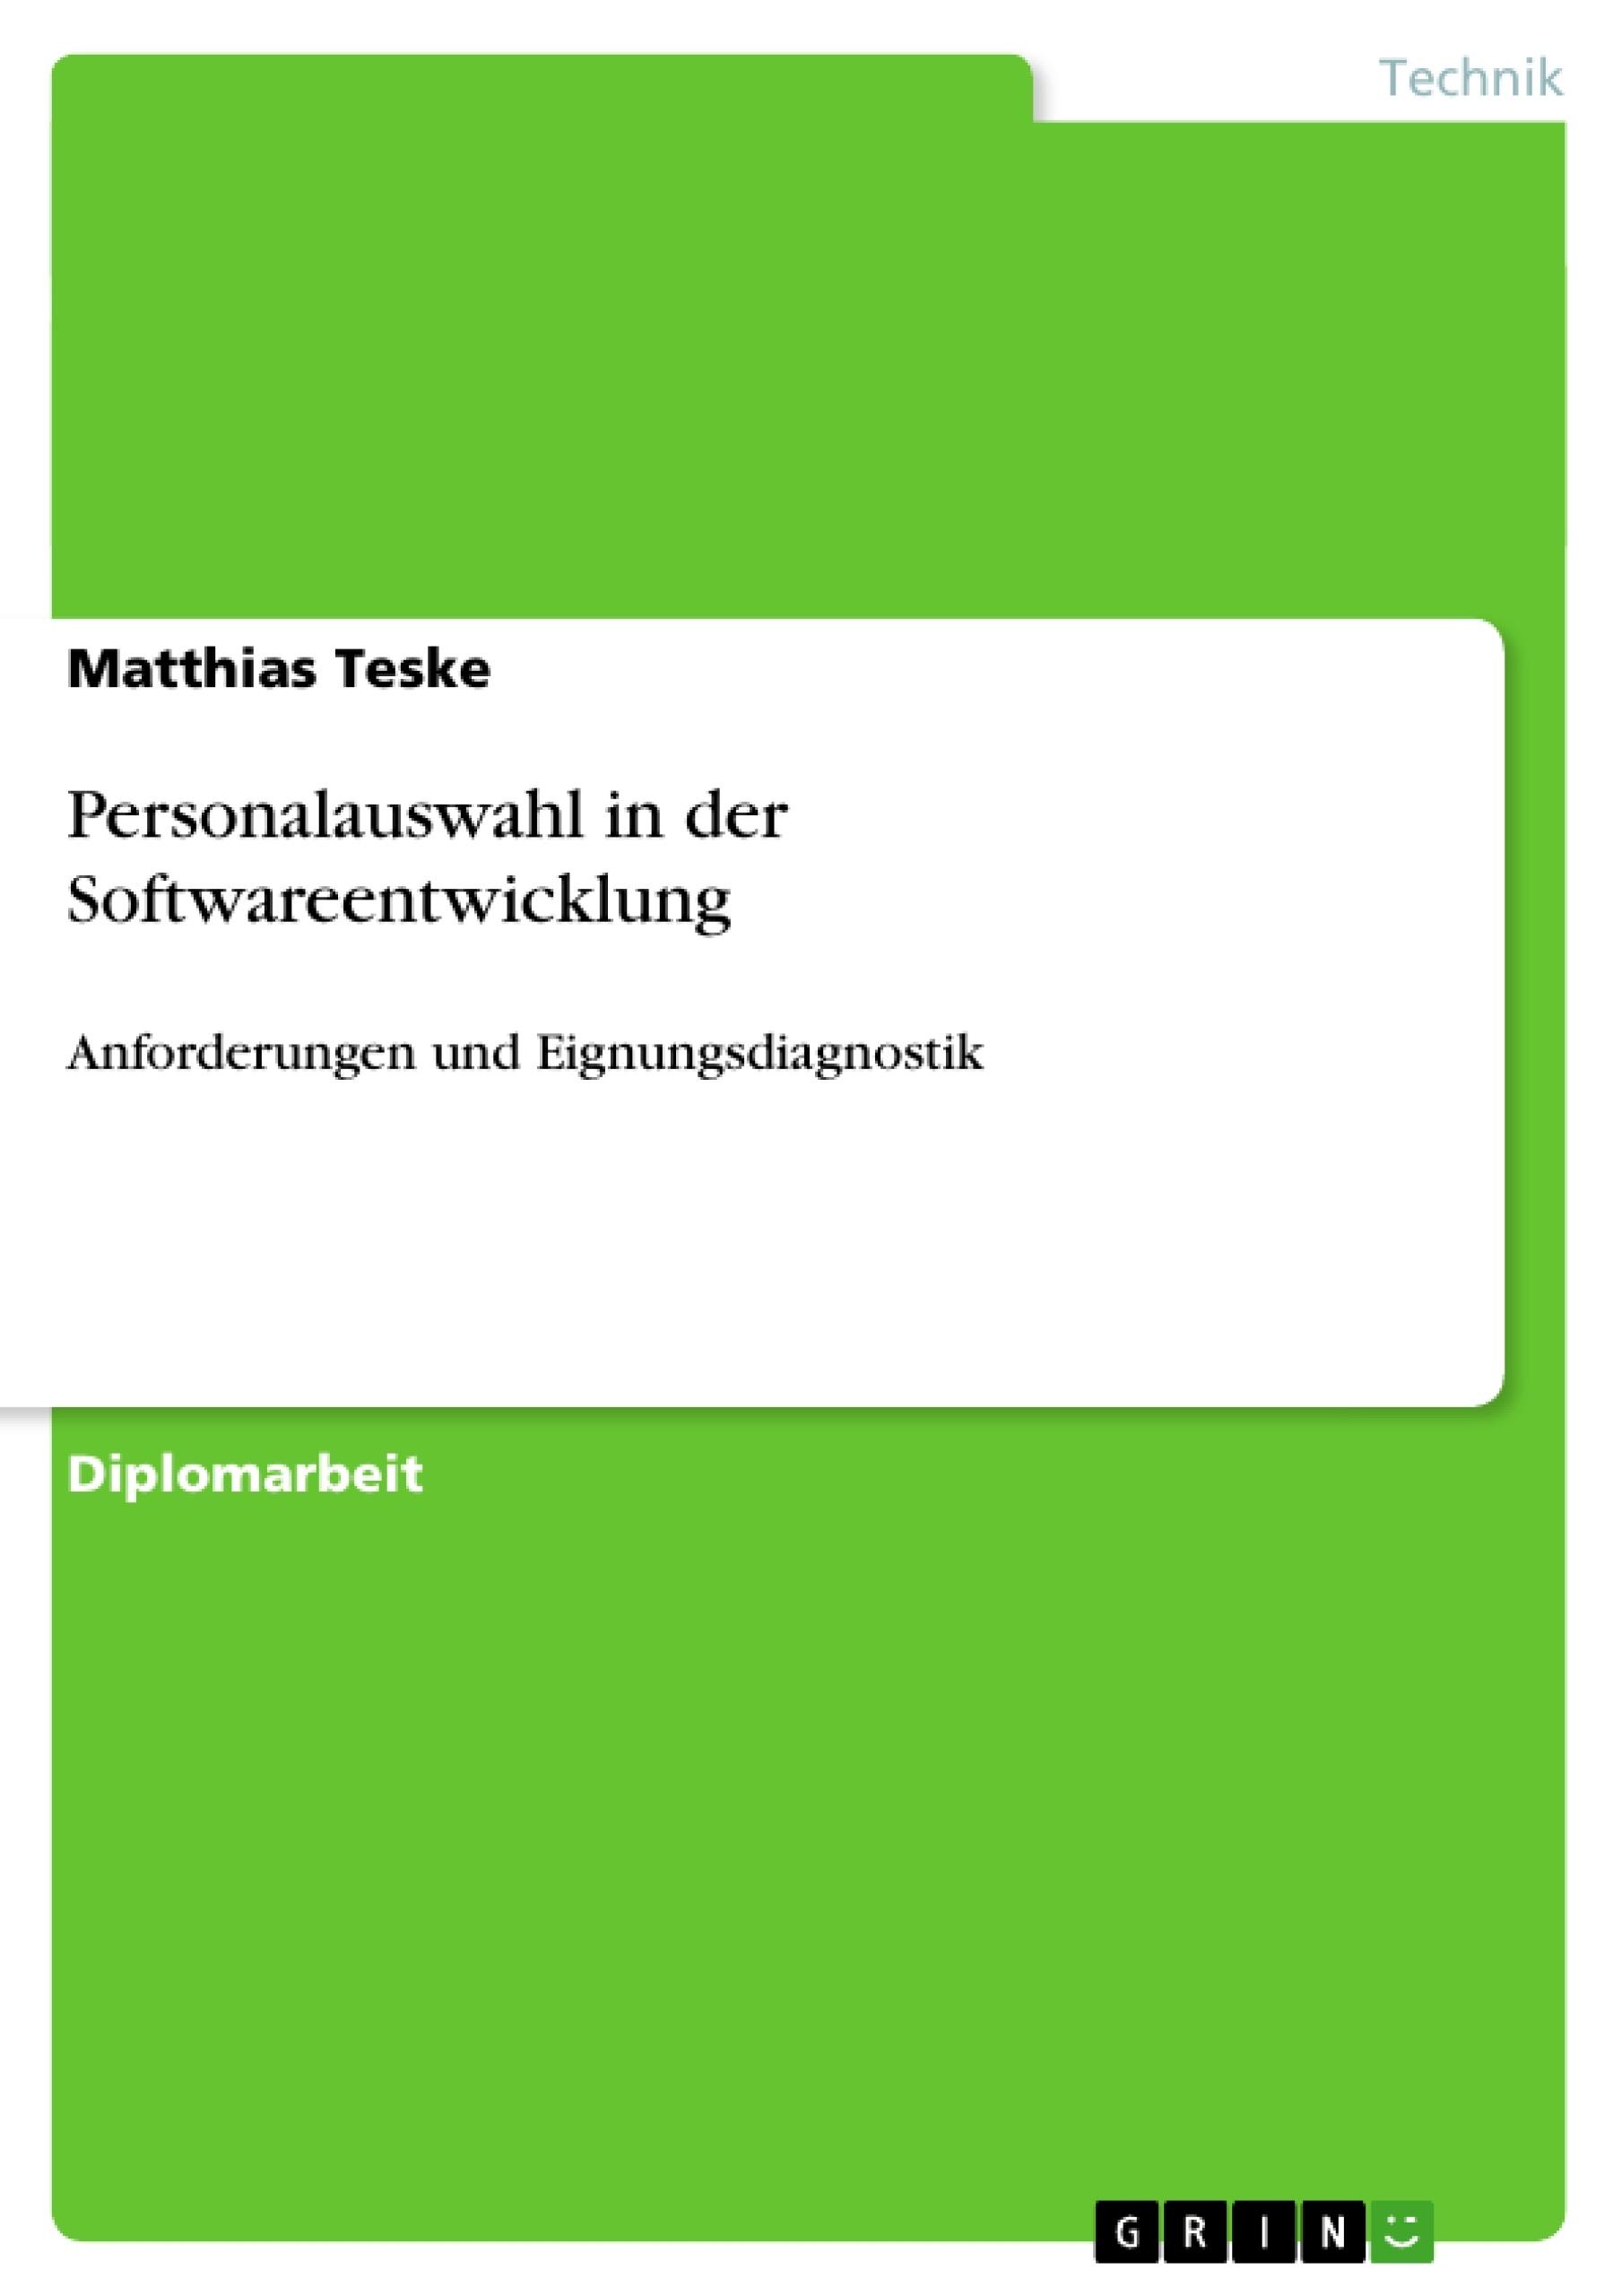 Titel: Personalauswahl in der Softwareentwicklung